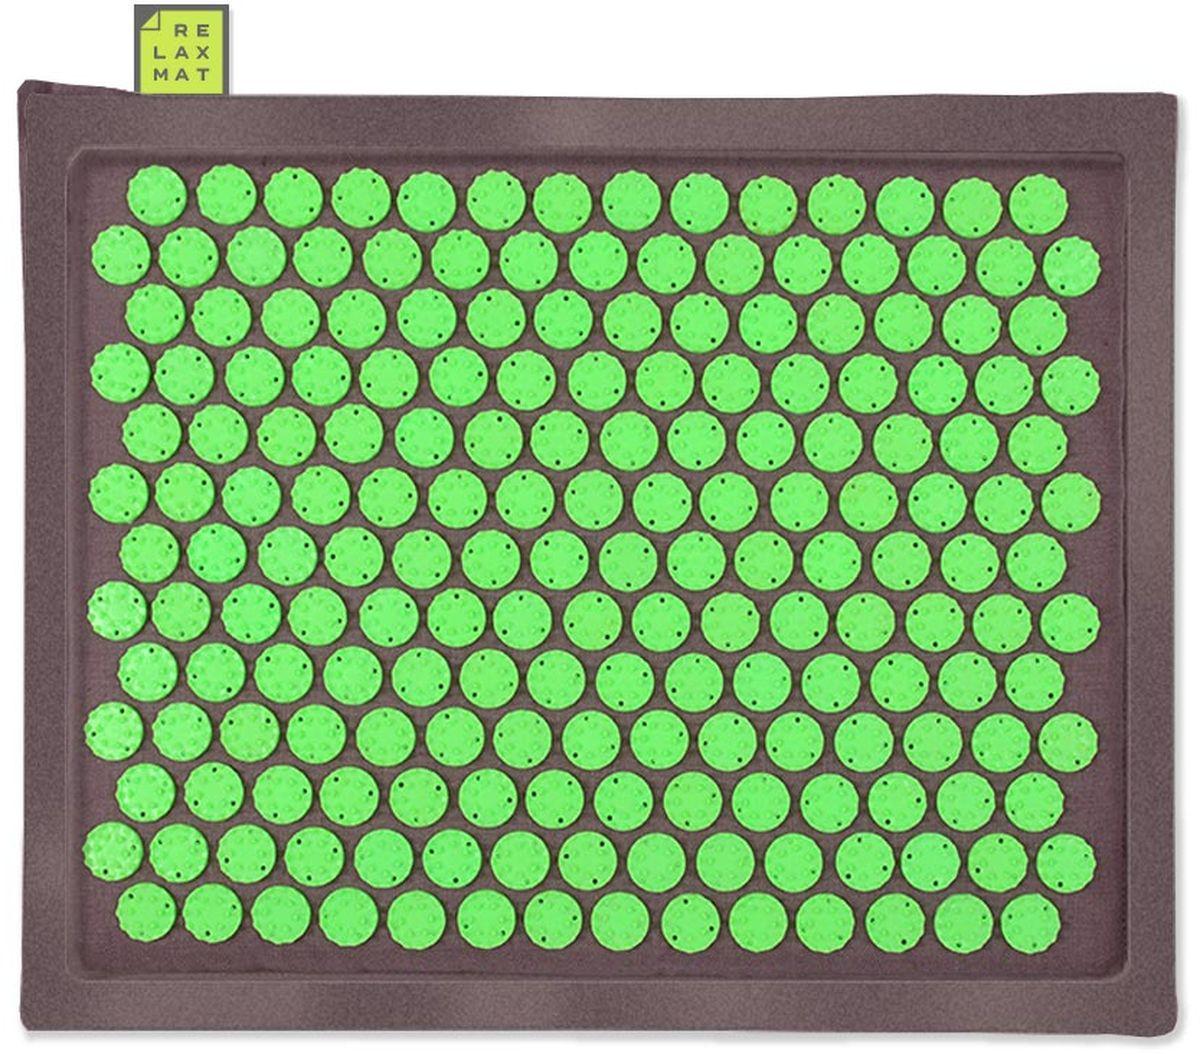 Relaxmat Массажный коврик, цвет: зеленый, графитовый, 40 х 30 см